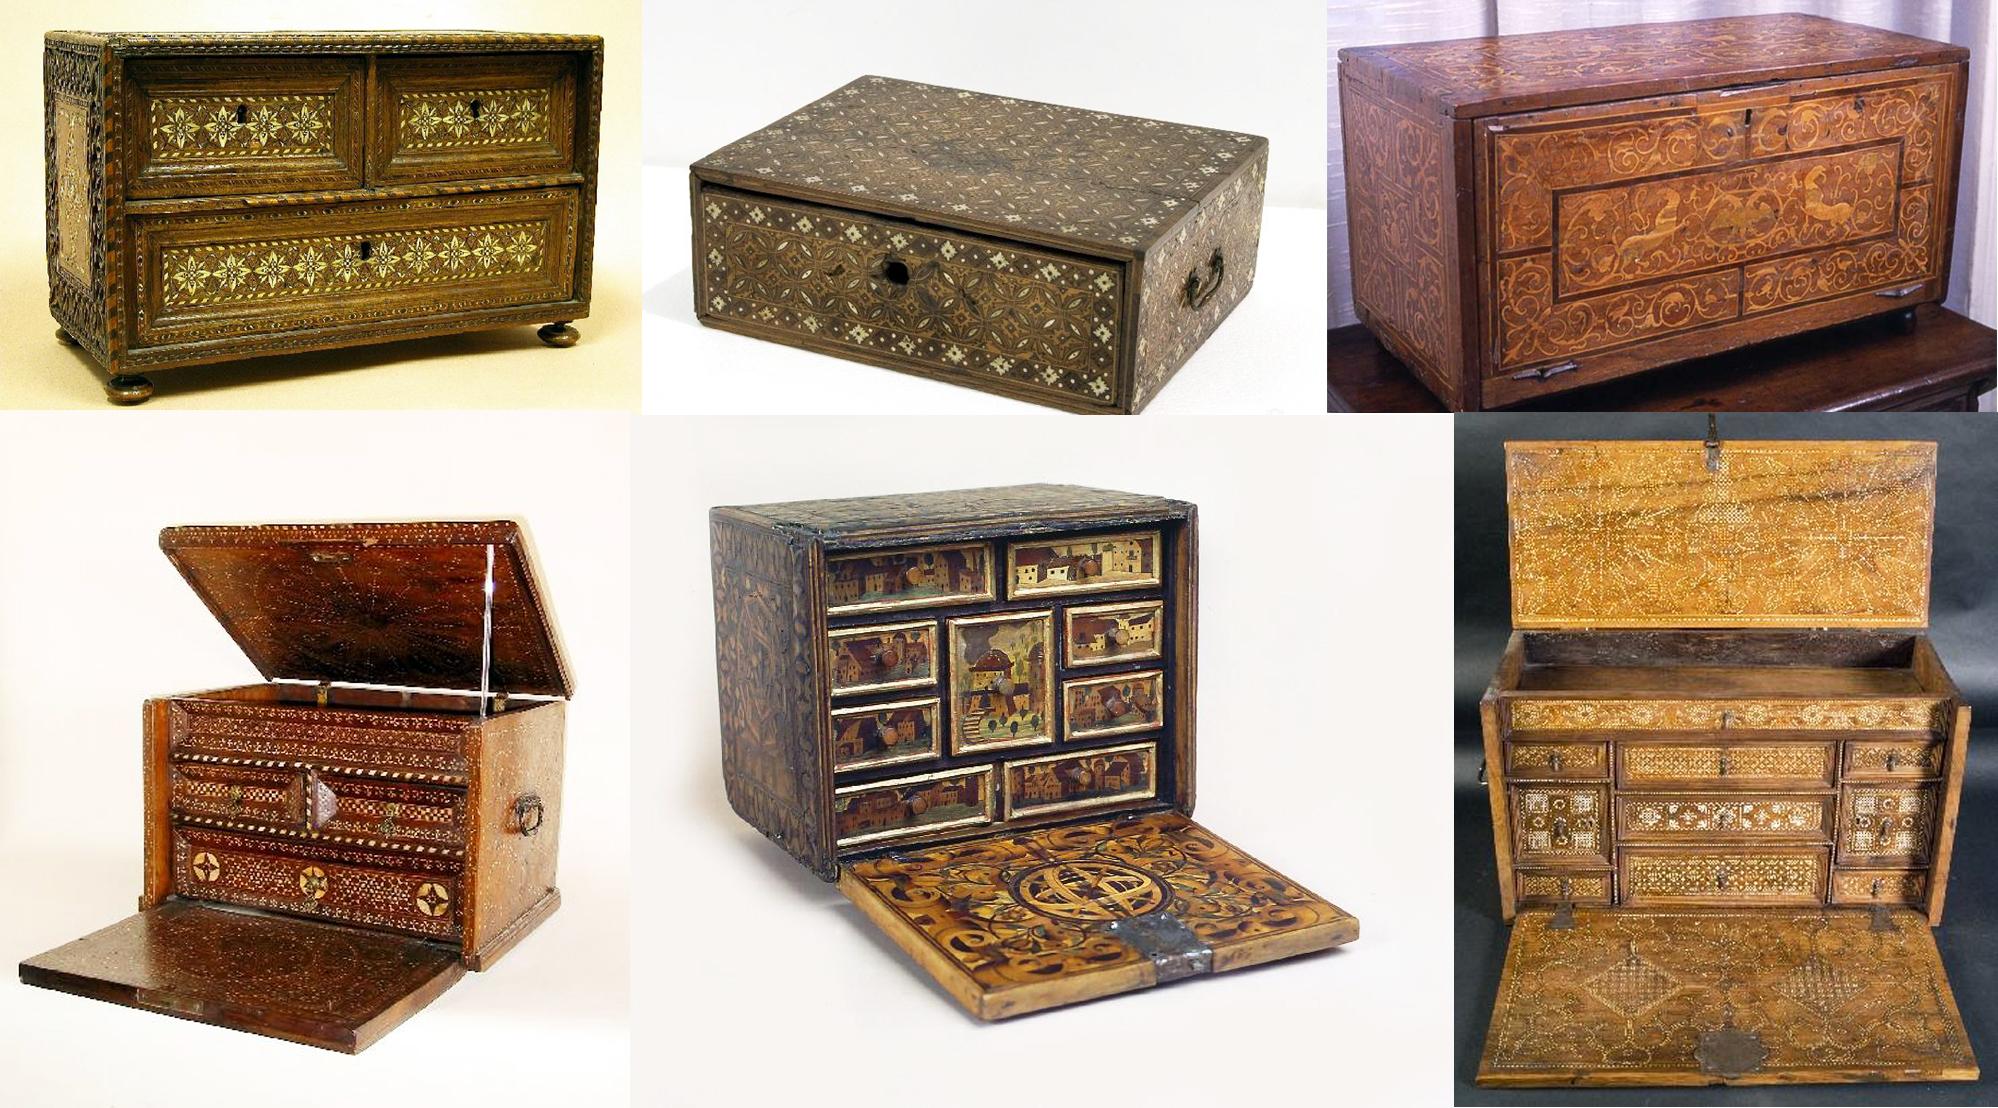 Mueble espa ol de los siglos xvi xvii taller y medio for El mayorista del mueble